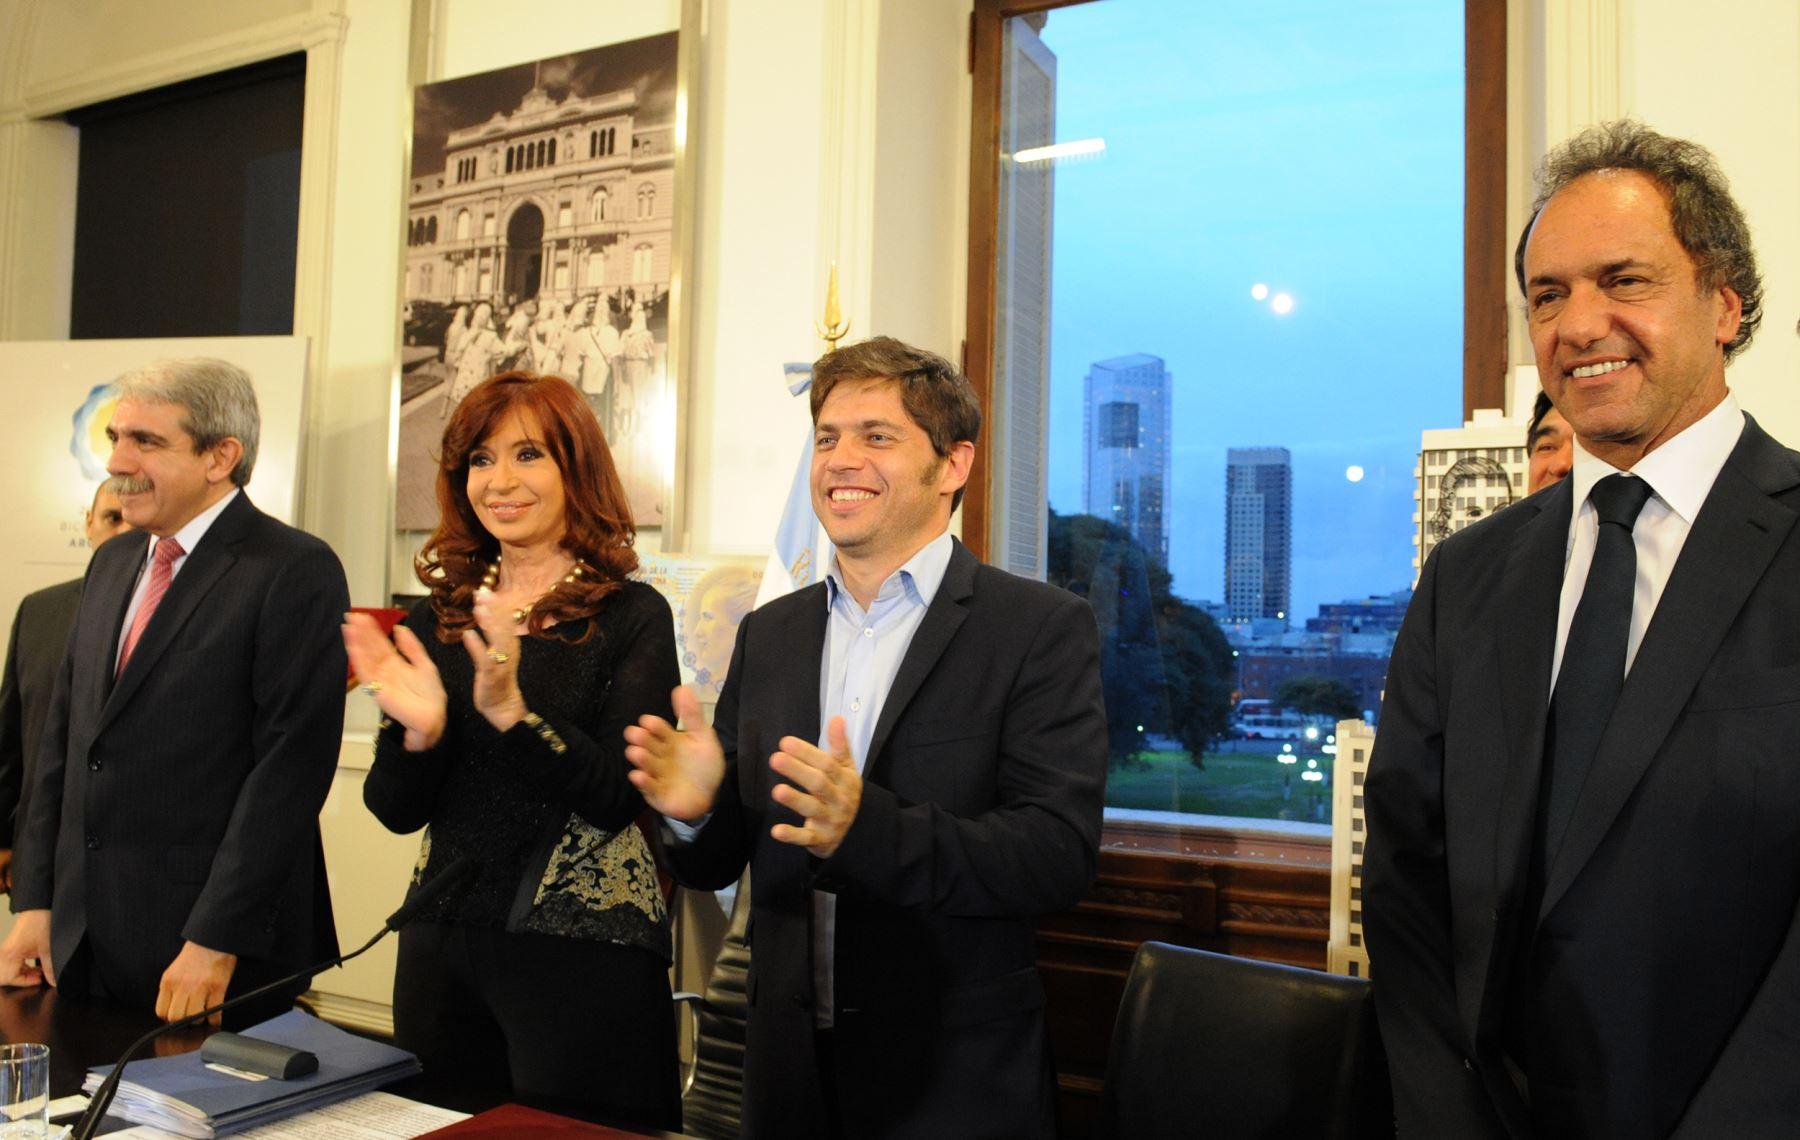 La presidenta argentina Cristina Kirchner inaugura la ampliación del Museo Nacional de Bellas Artes ubicado en el barrio de Recoleta de Buenos Aires. Difusión